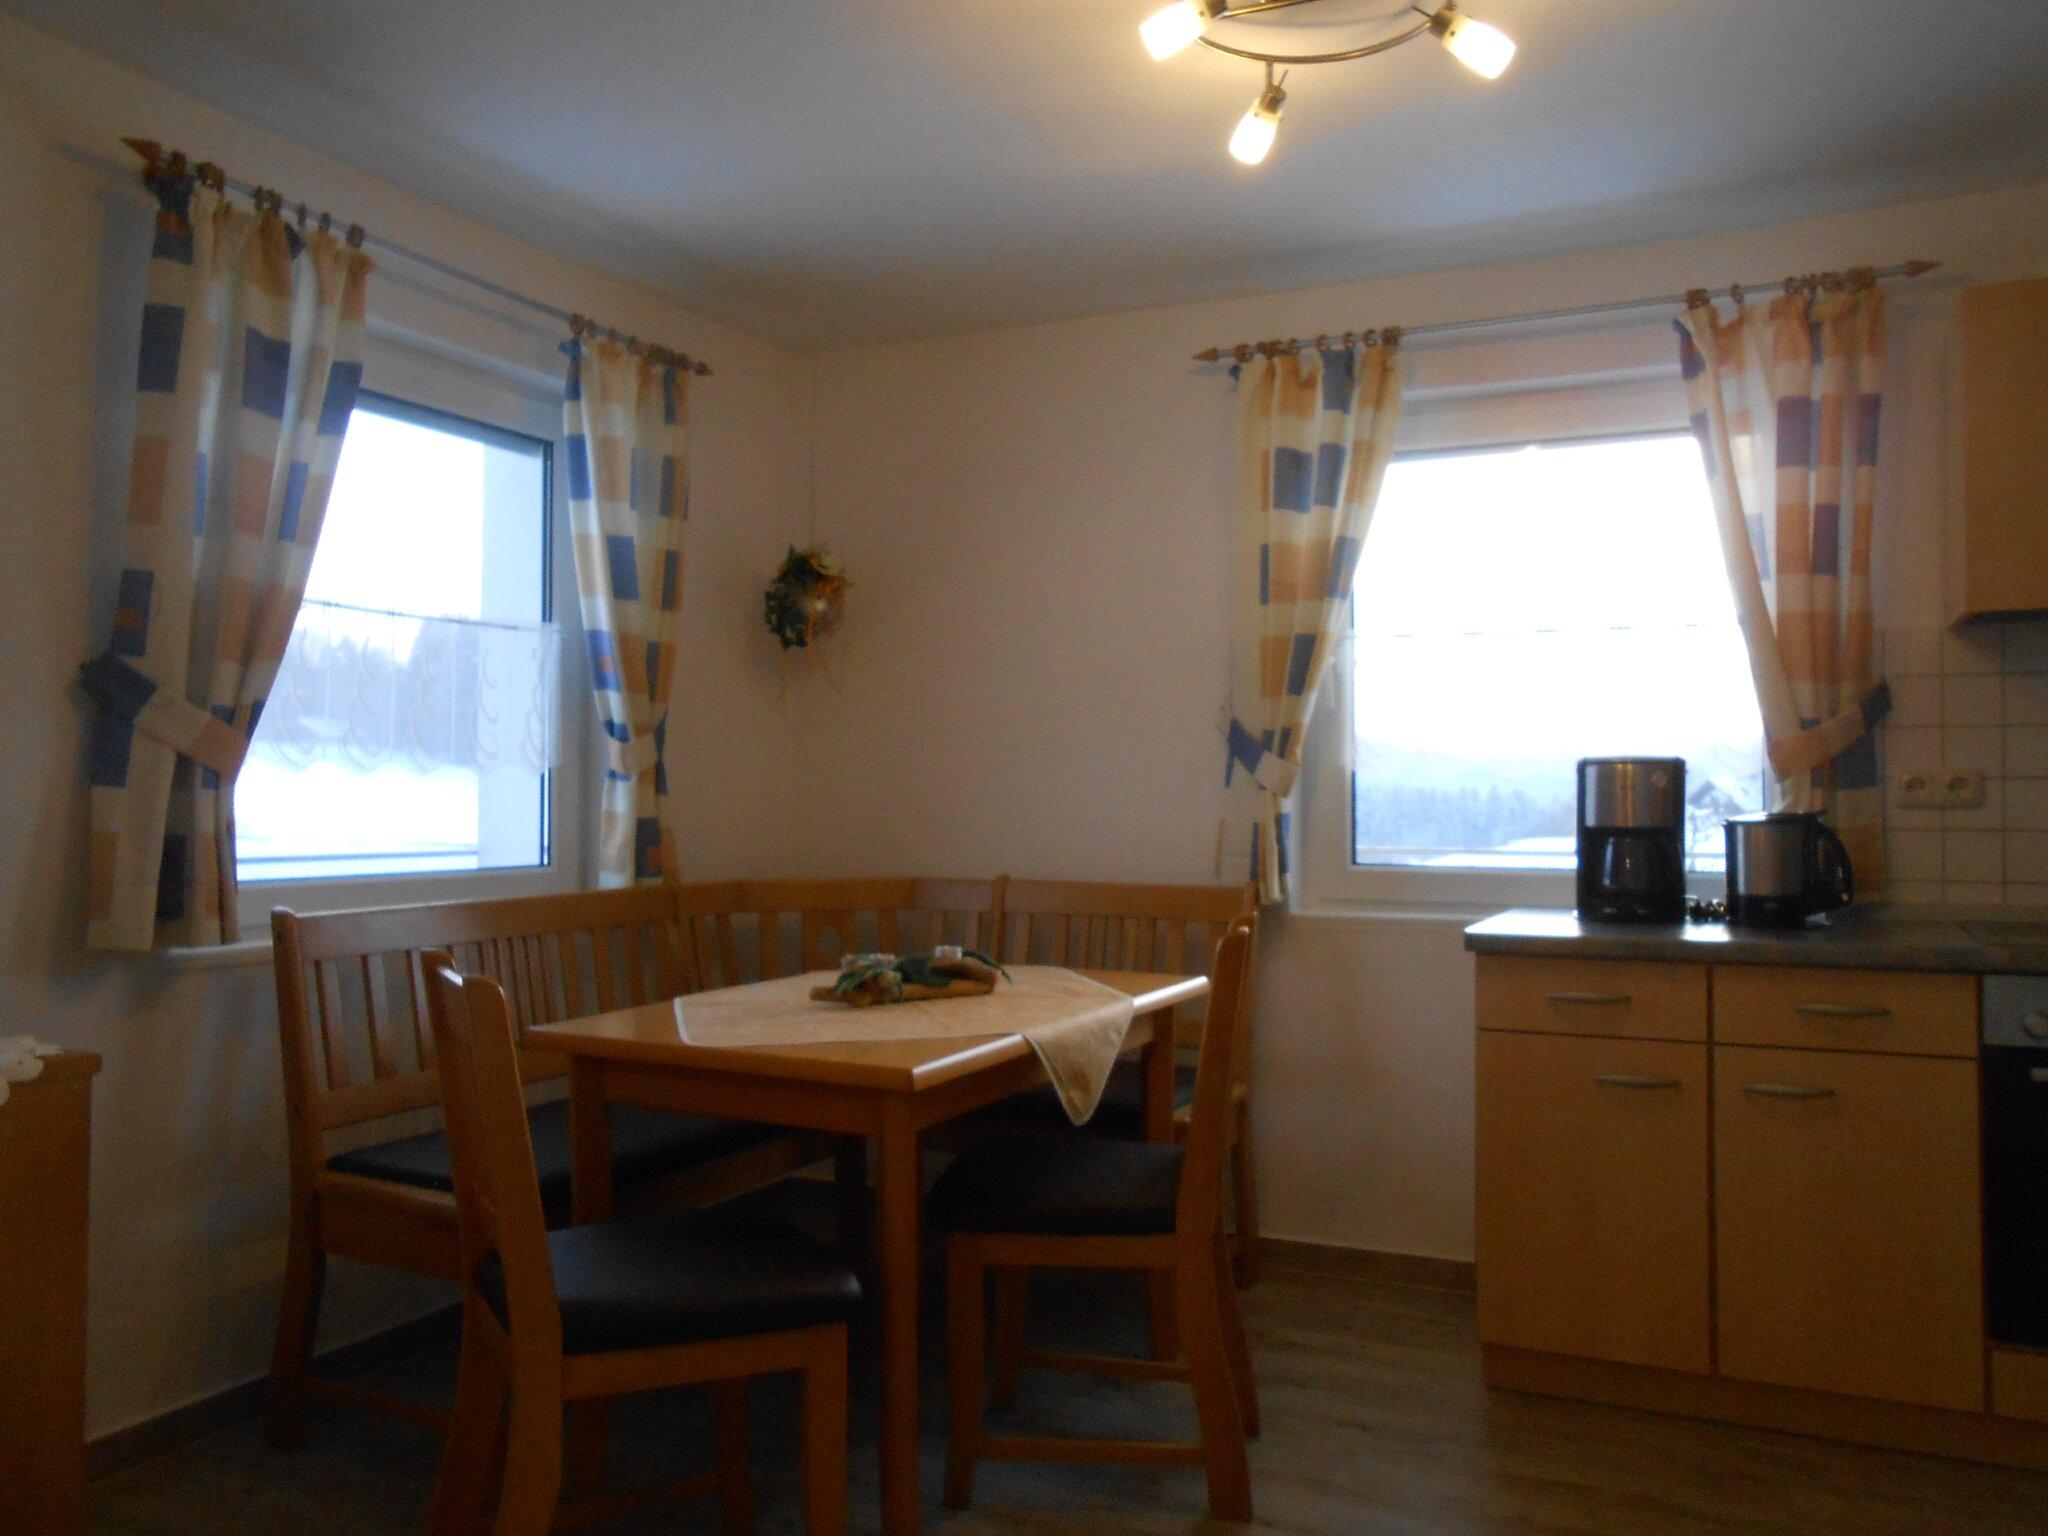 Ferienhaus - Küche mit Essecke